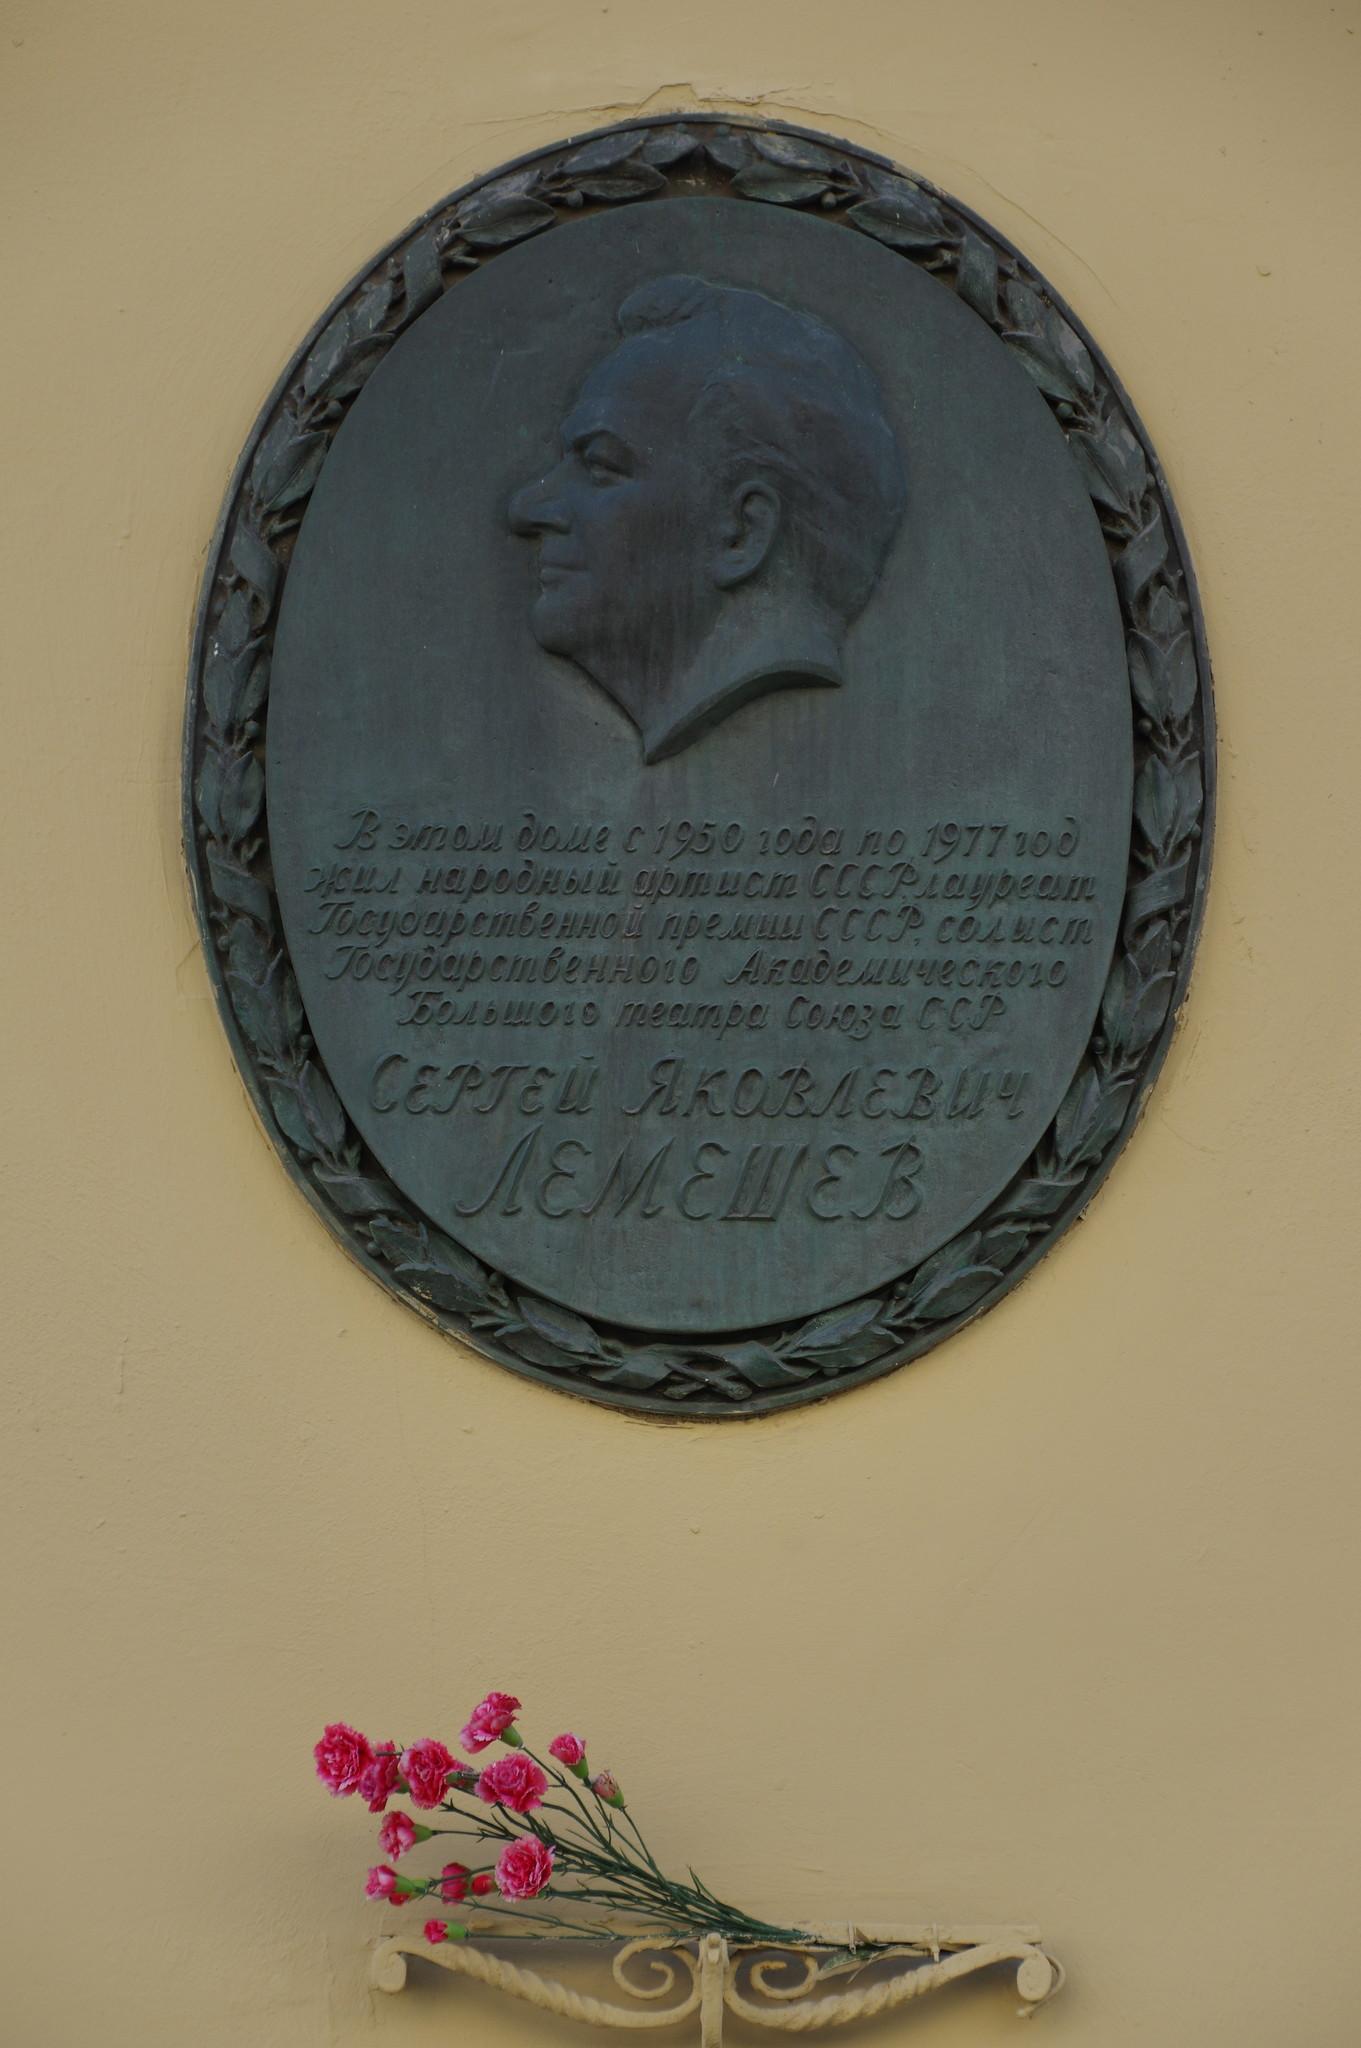 Мемориальная доска на фасаде дома (Тверская улица, дом 25/9), где с 1950 года по 1977 год жил и работал Народный артист СССР Сергей Яковлевич Лемешев